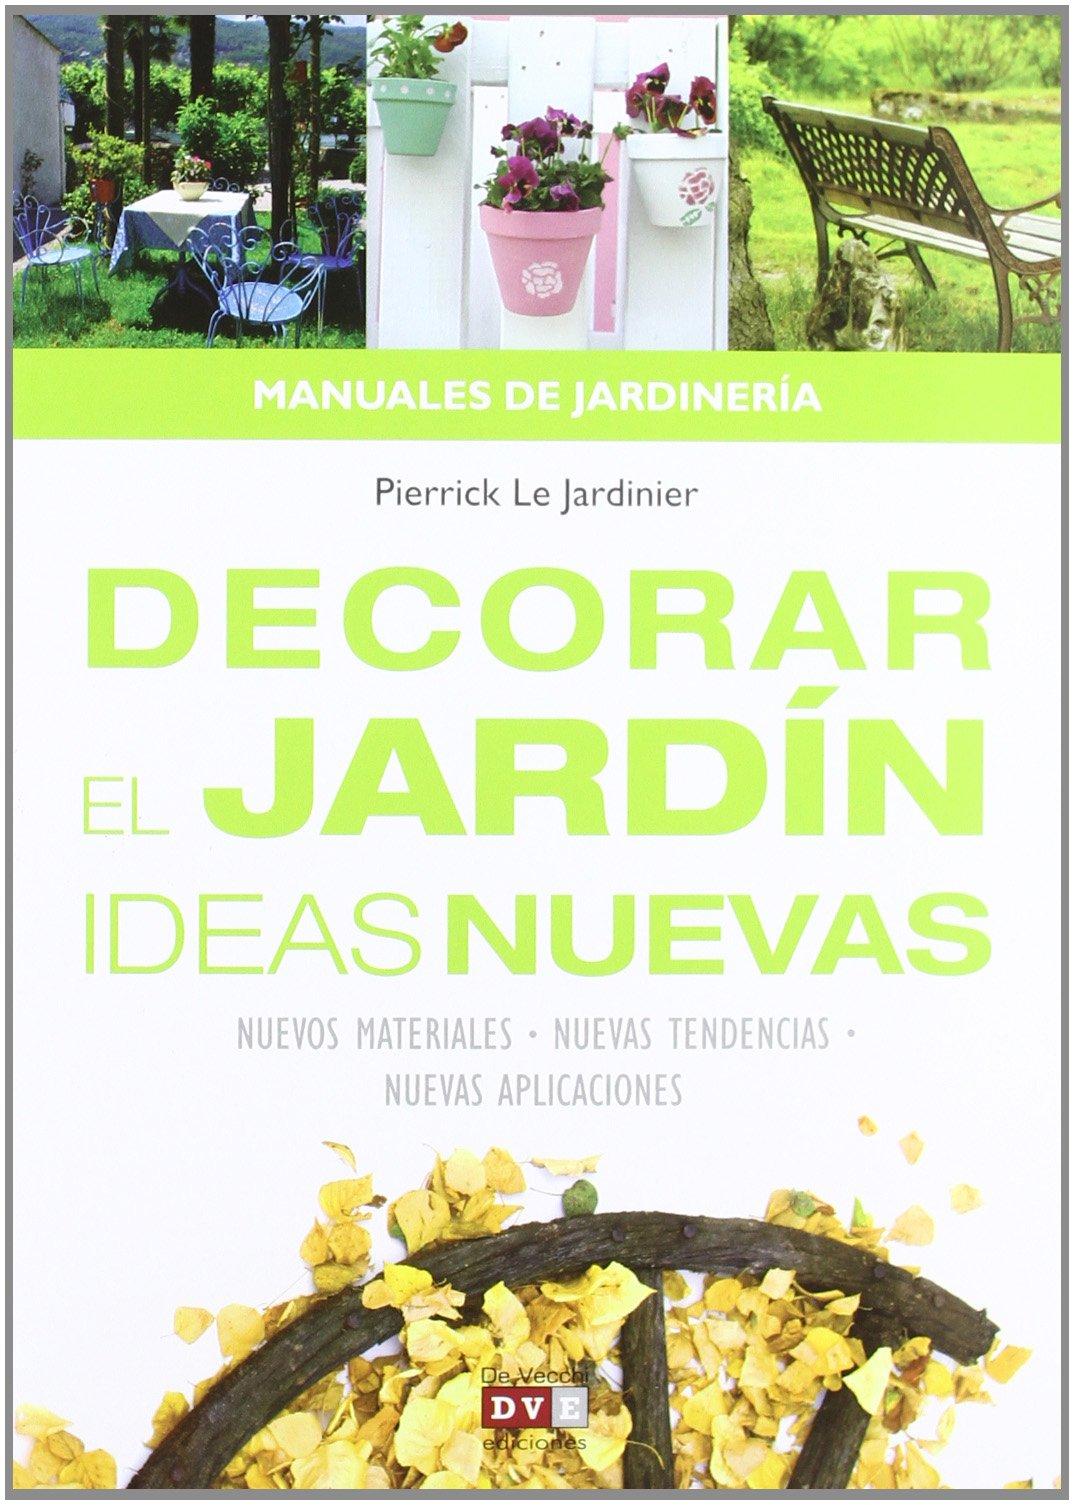 Decorar el jardín, ideas nuevas: Amazon.es: Le Jardinier, Pierrick: Libros